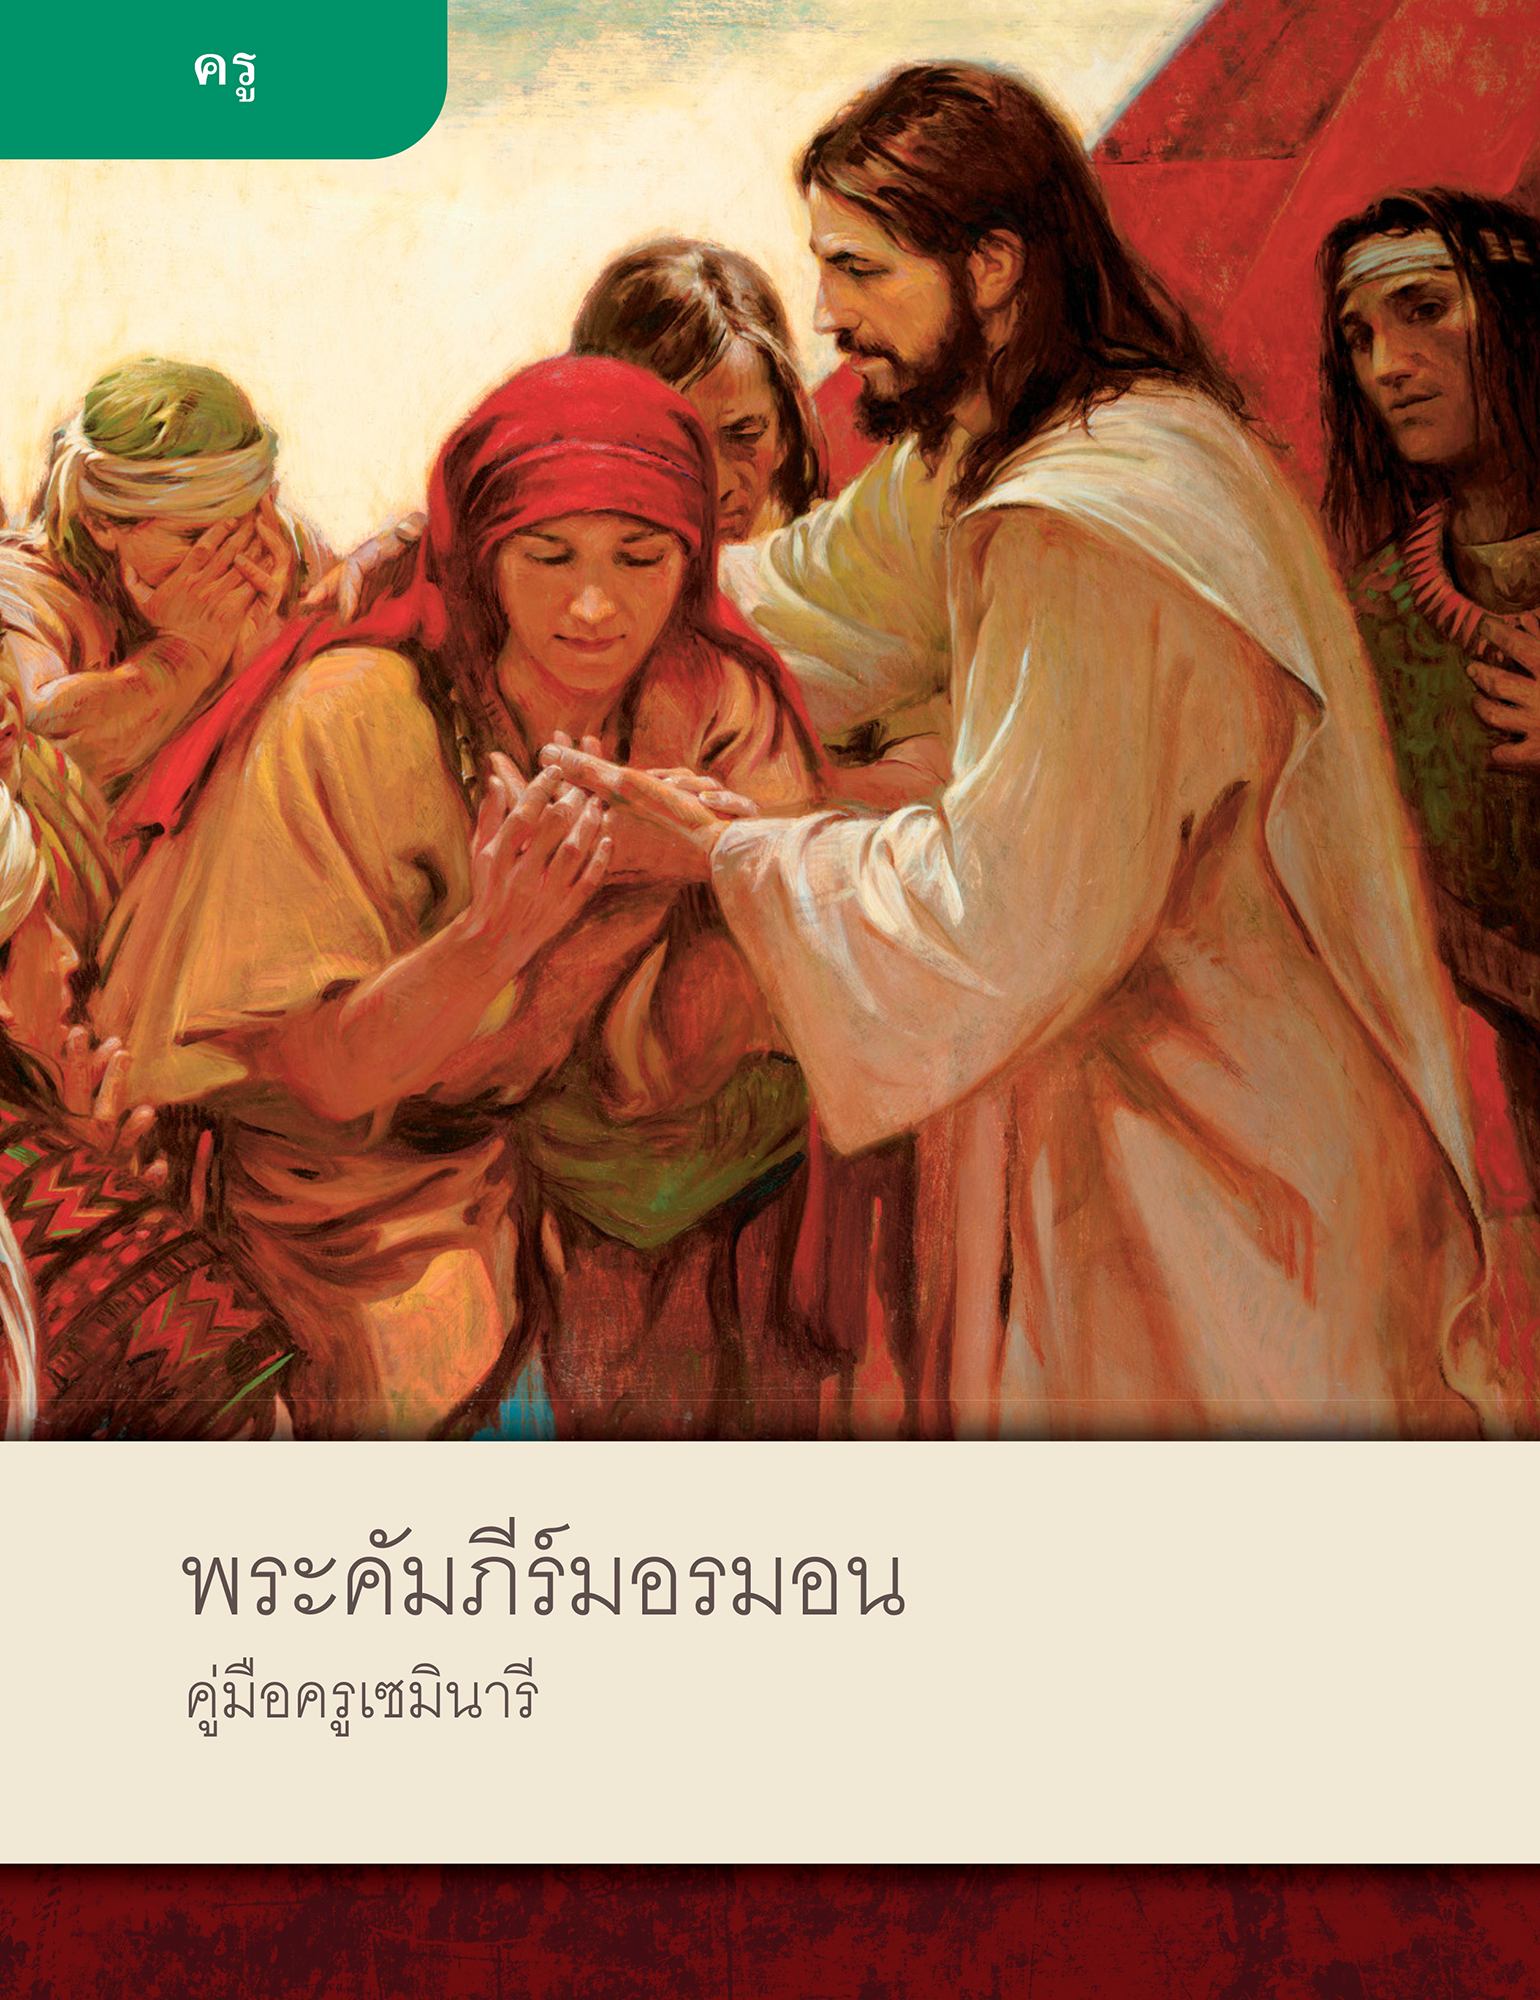 พระคัมภีร์มอรมอน คู่มือครูเซมินารี